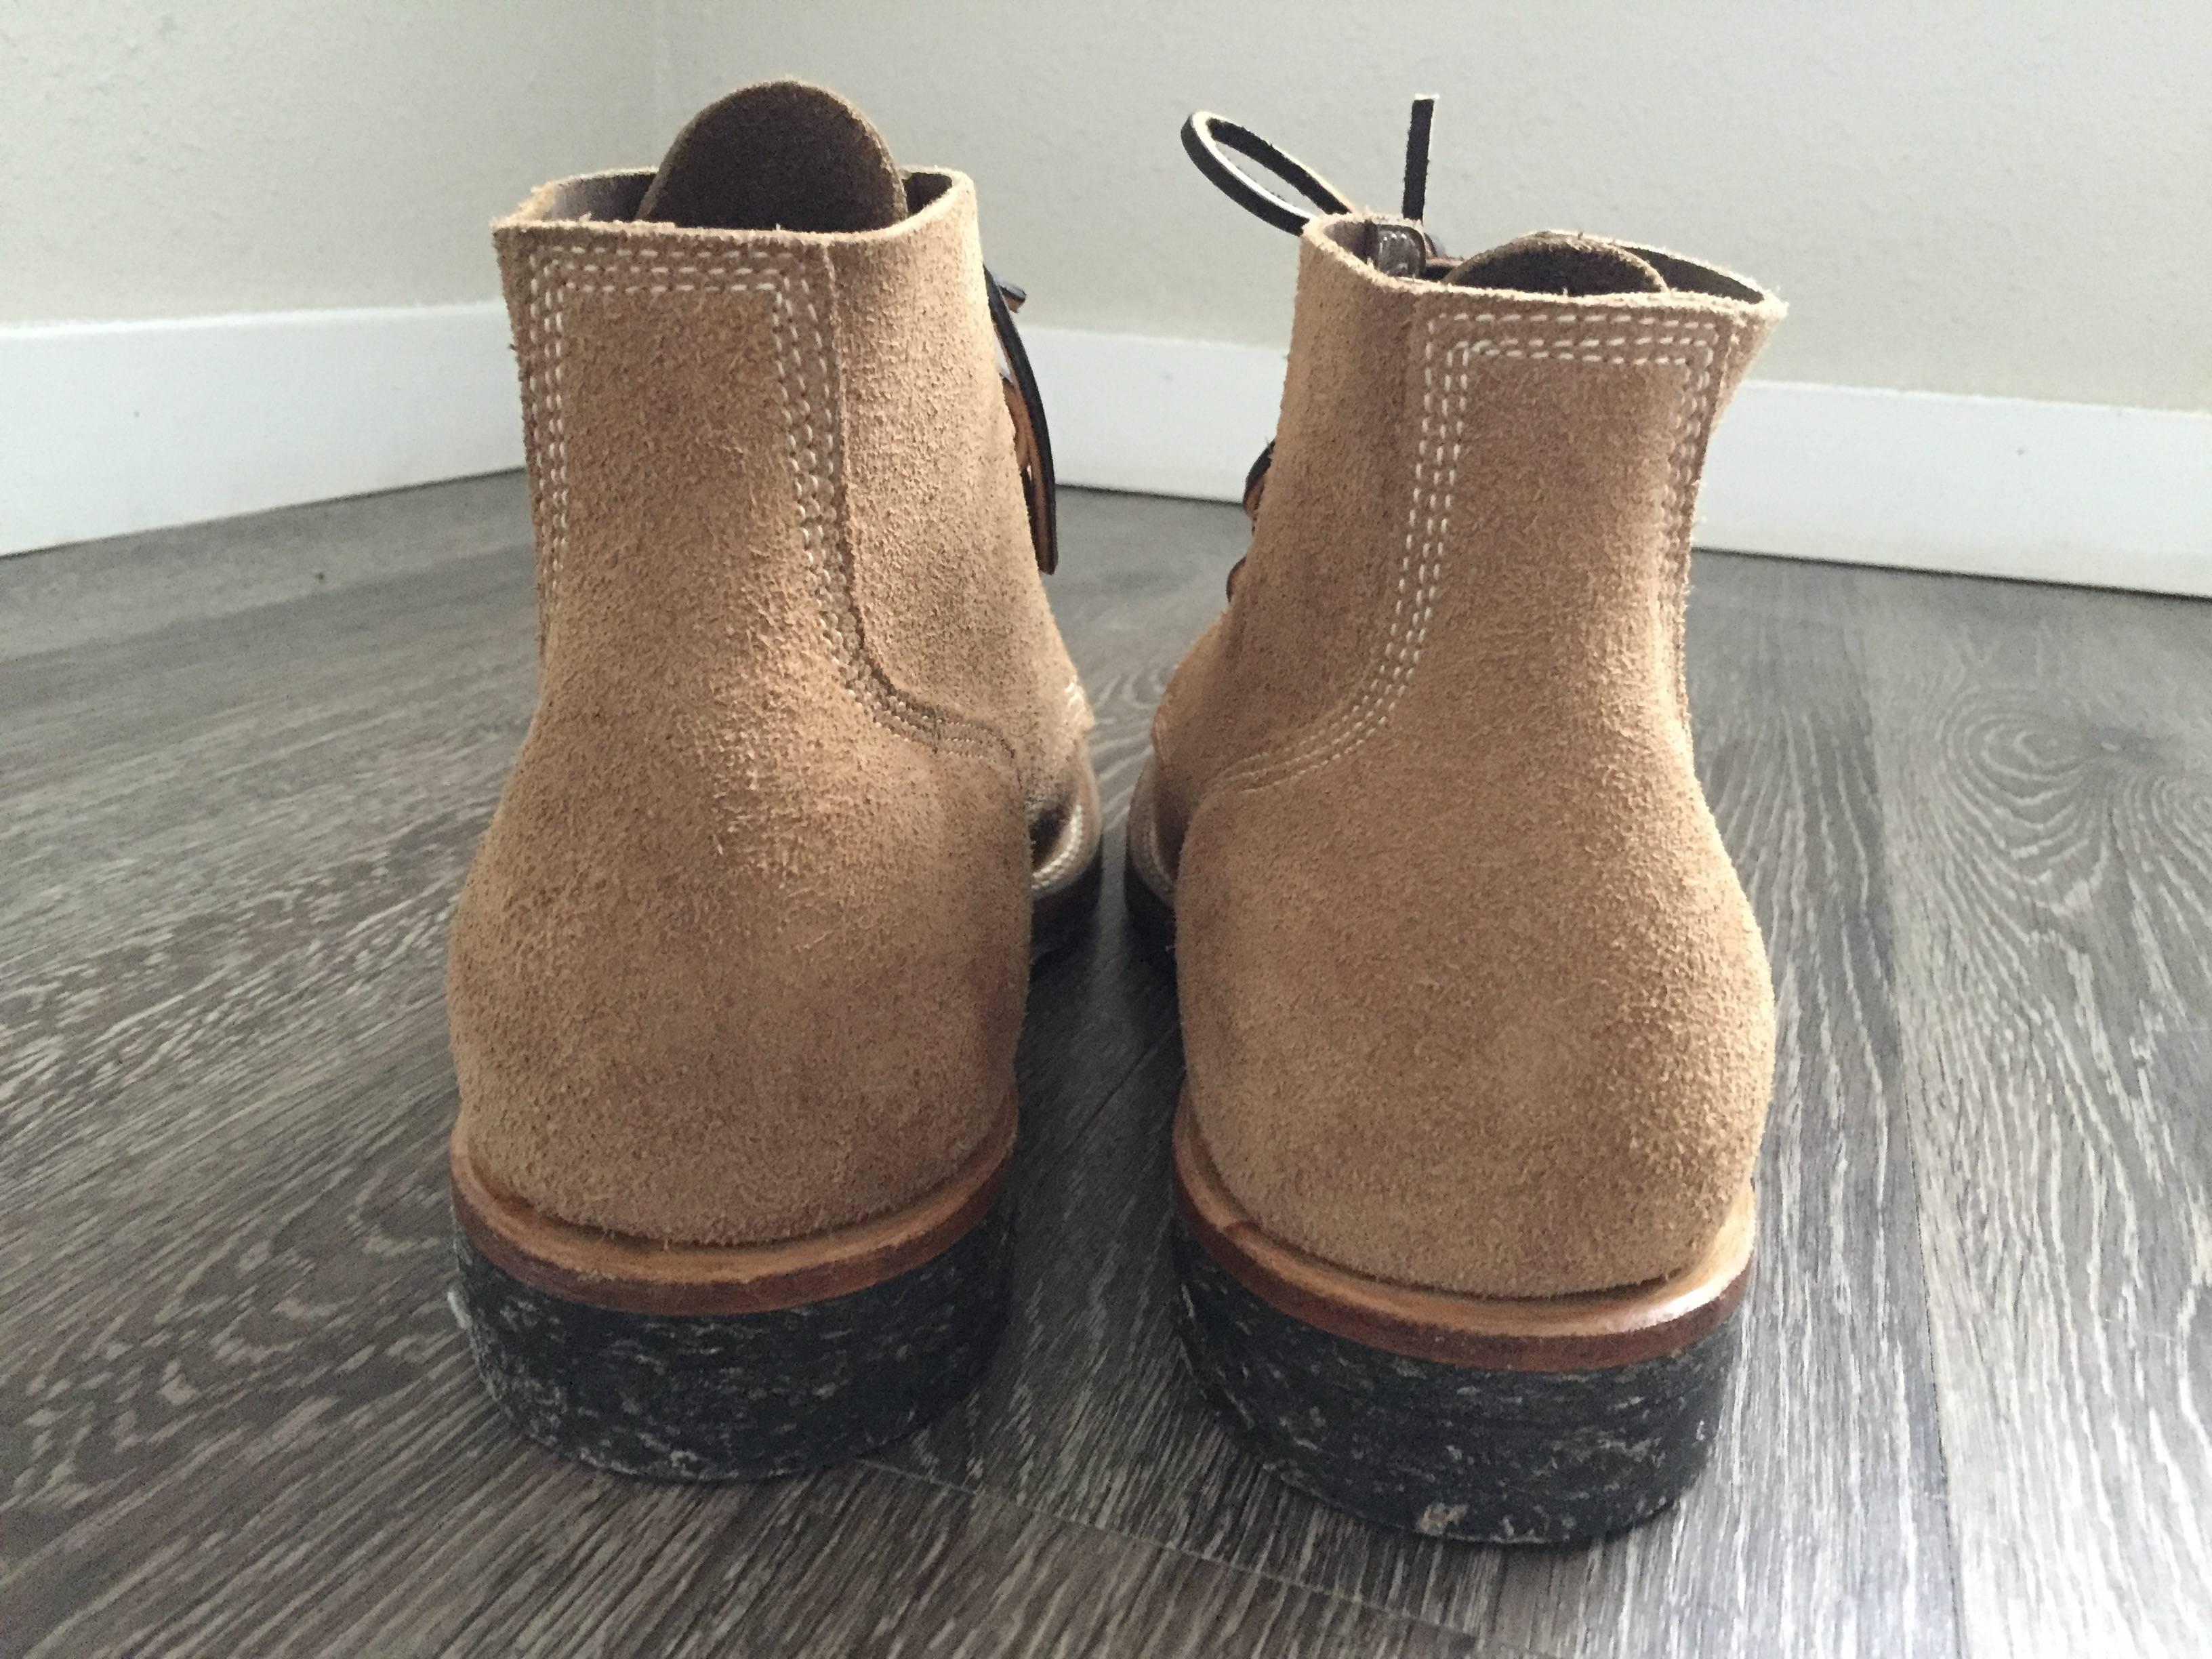 Broark's photos in Viberg Boots